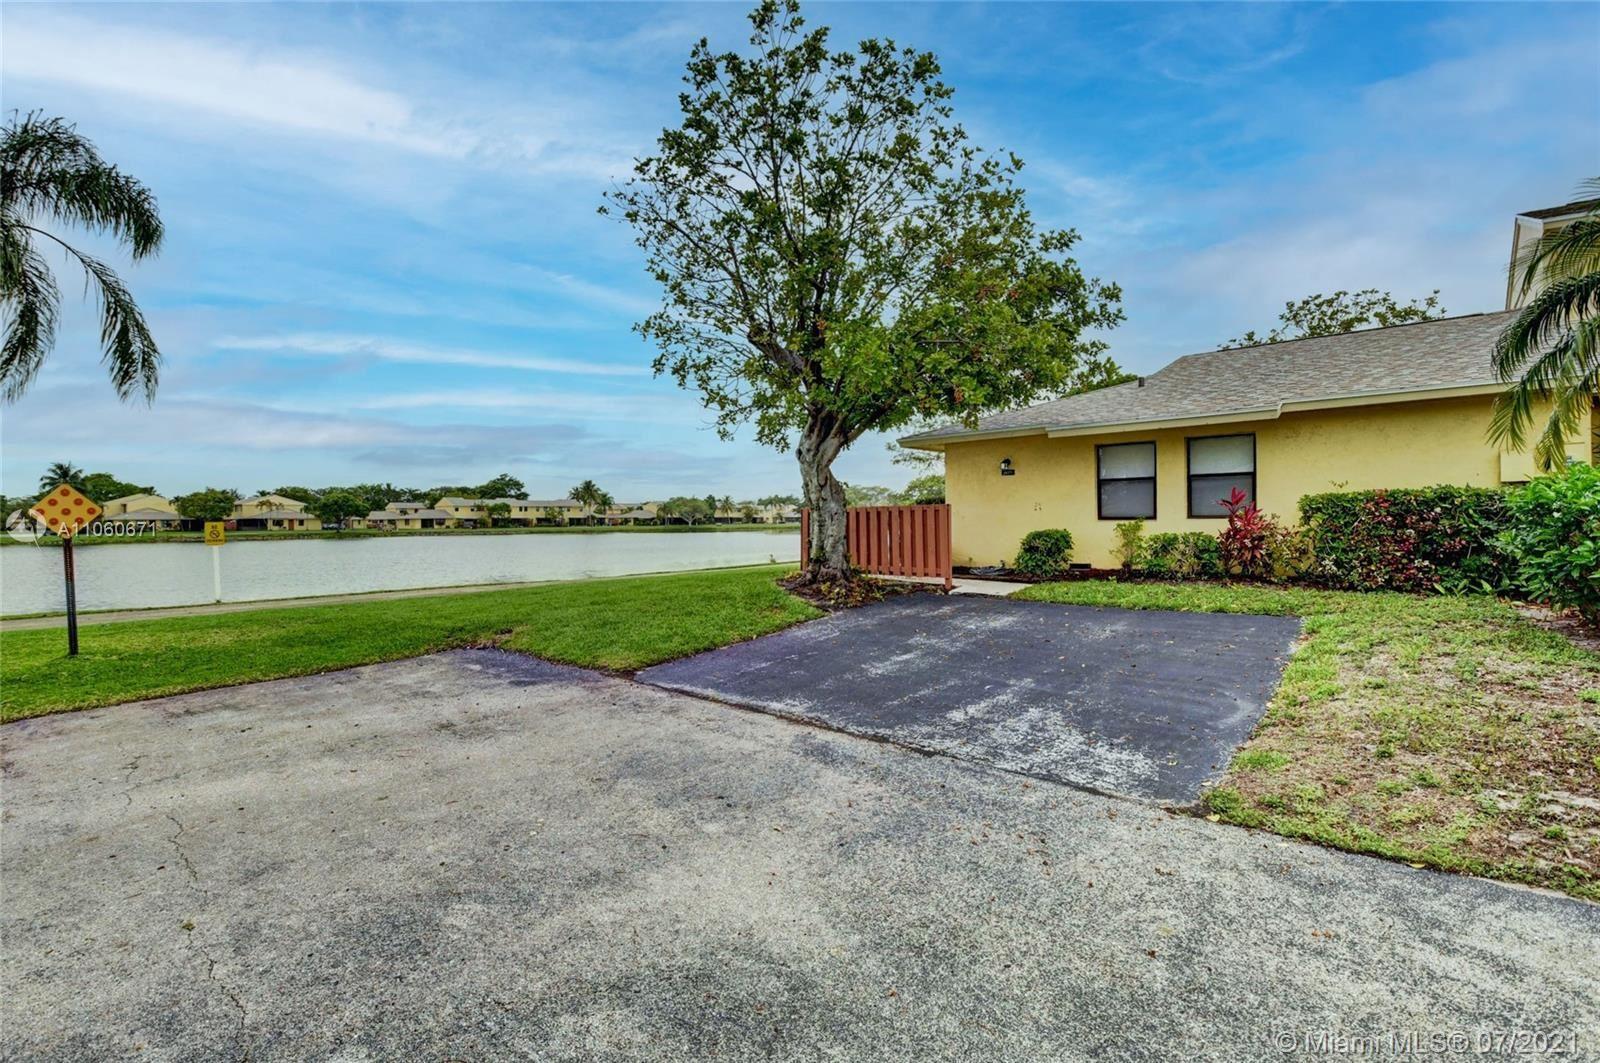 16271 Avocado Way, Delray Beach, FL 33484 - #: A11060671